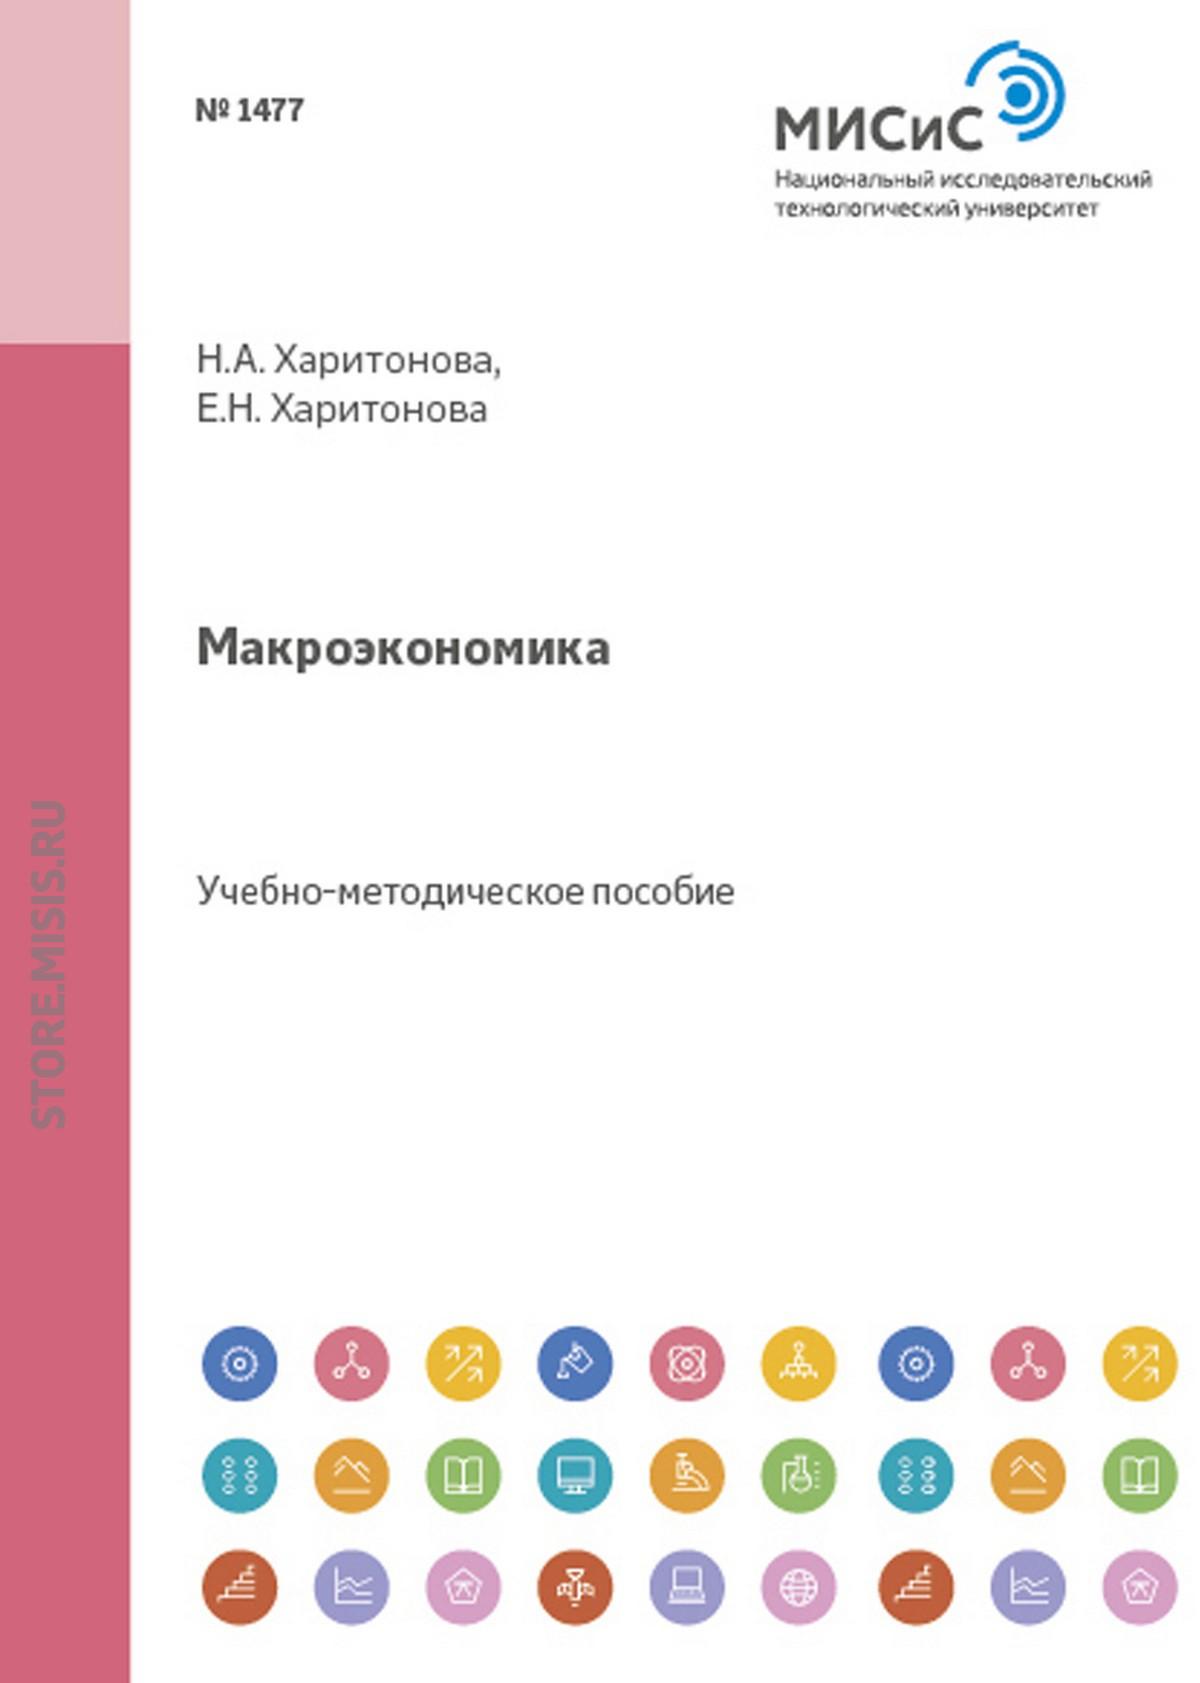 Наталия Харитонова Макроэкономика бабаев ю ред бухгалтерский учет анализ и аудит внешнеэконом деятельности